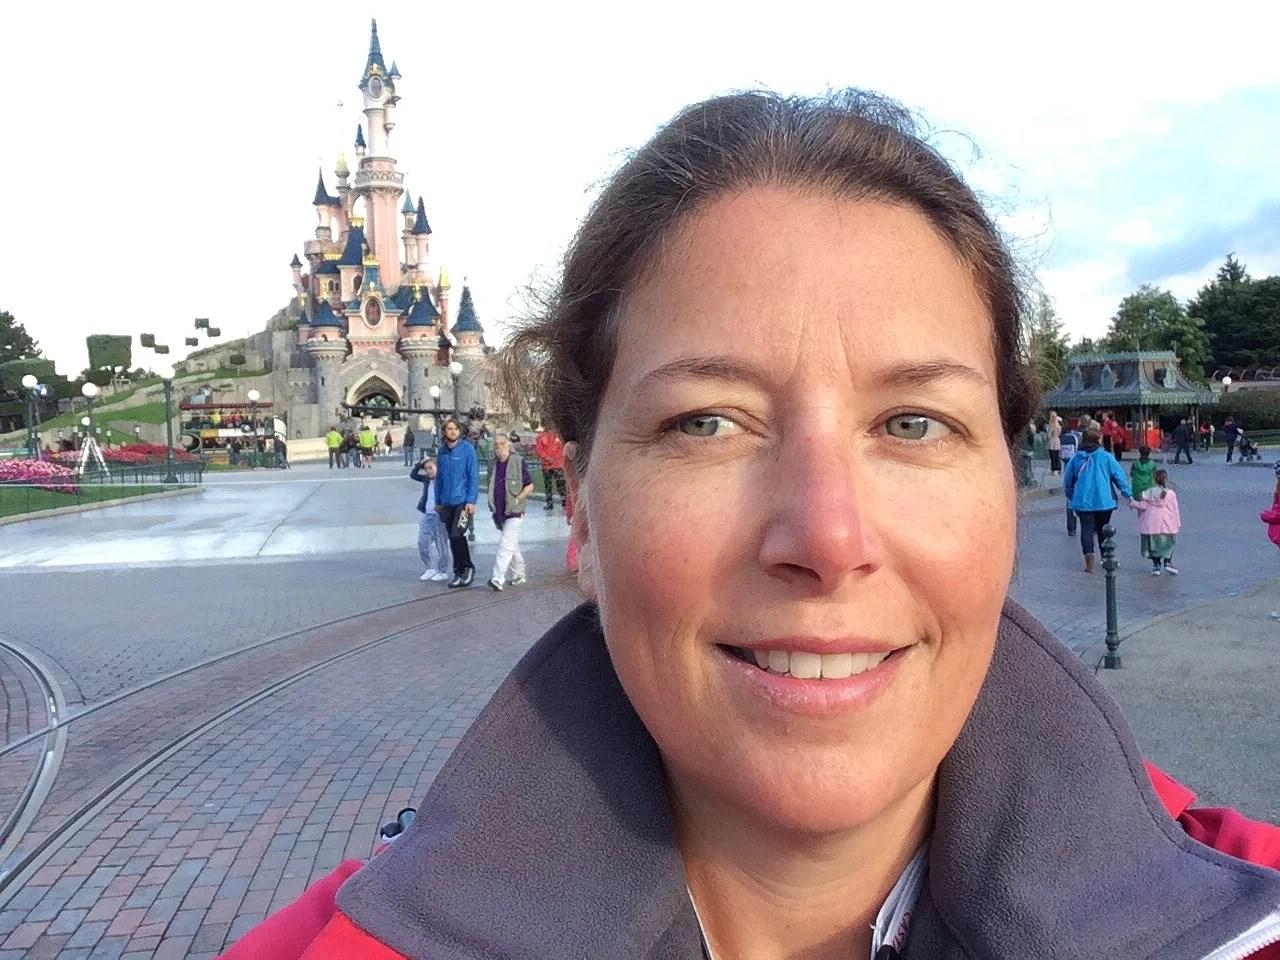 Disneyland Paris laddar upp inför sitt 25 års jubileum